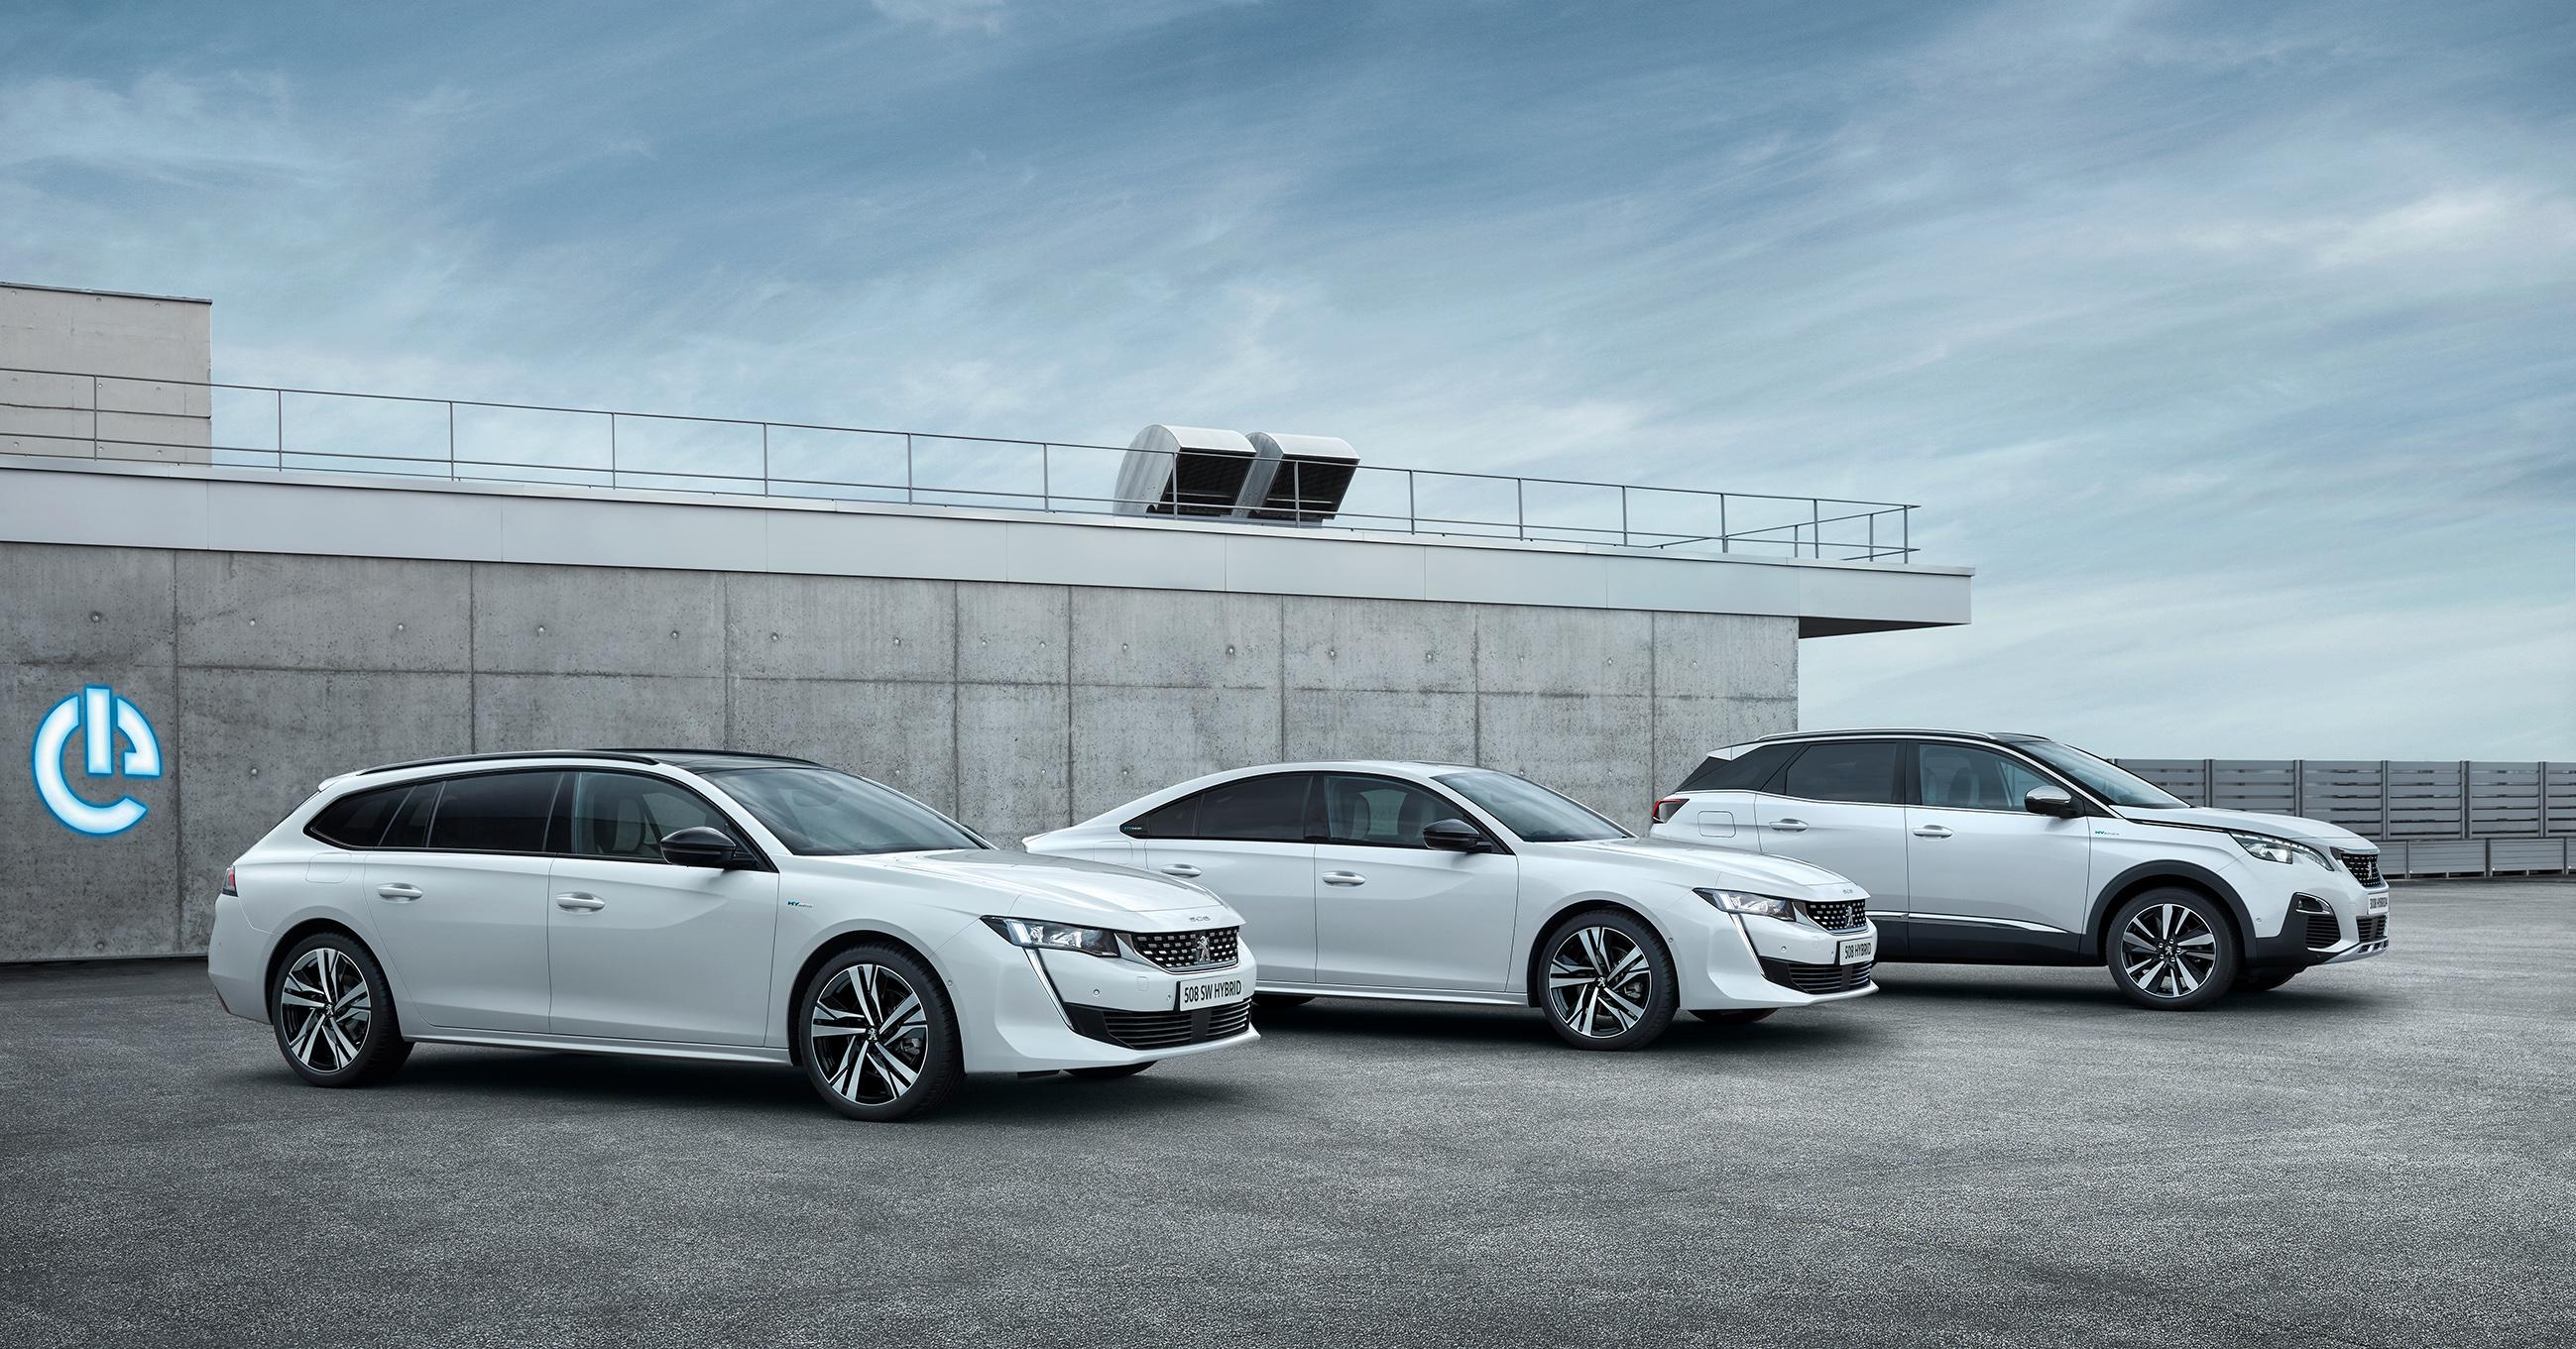 Автомобили Peugeot 3008 и 508 научились заряжаться от сети